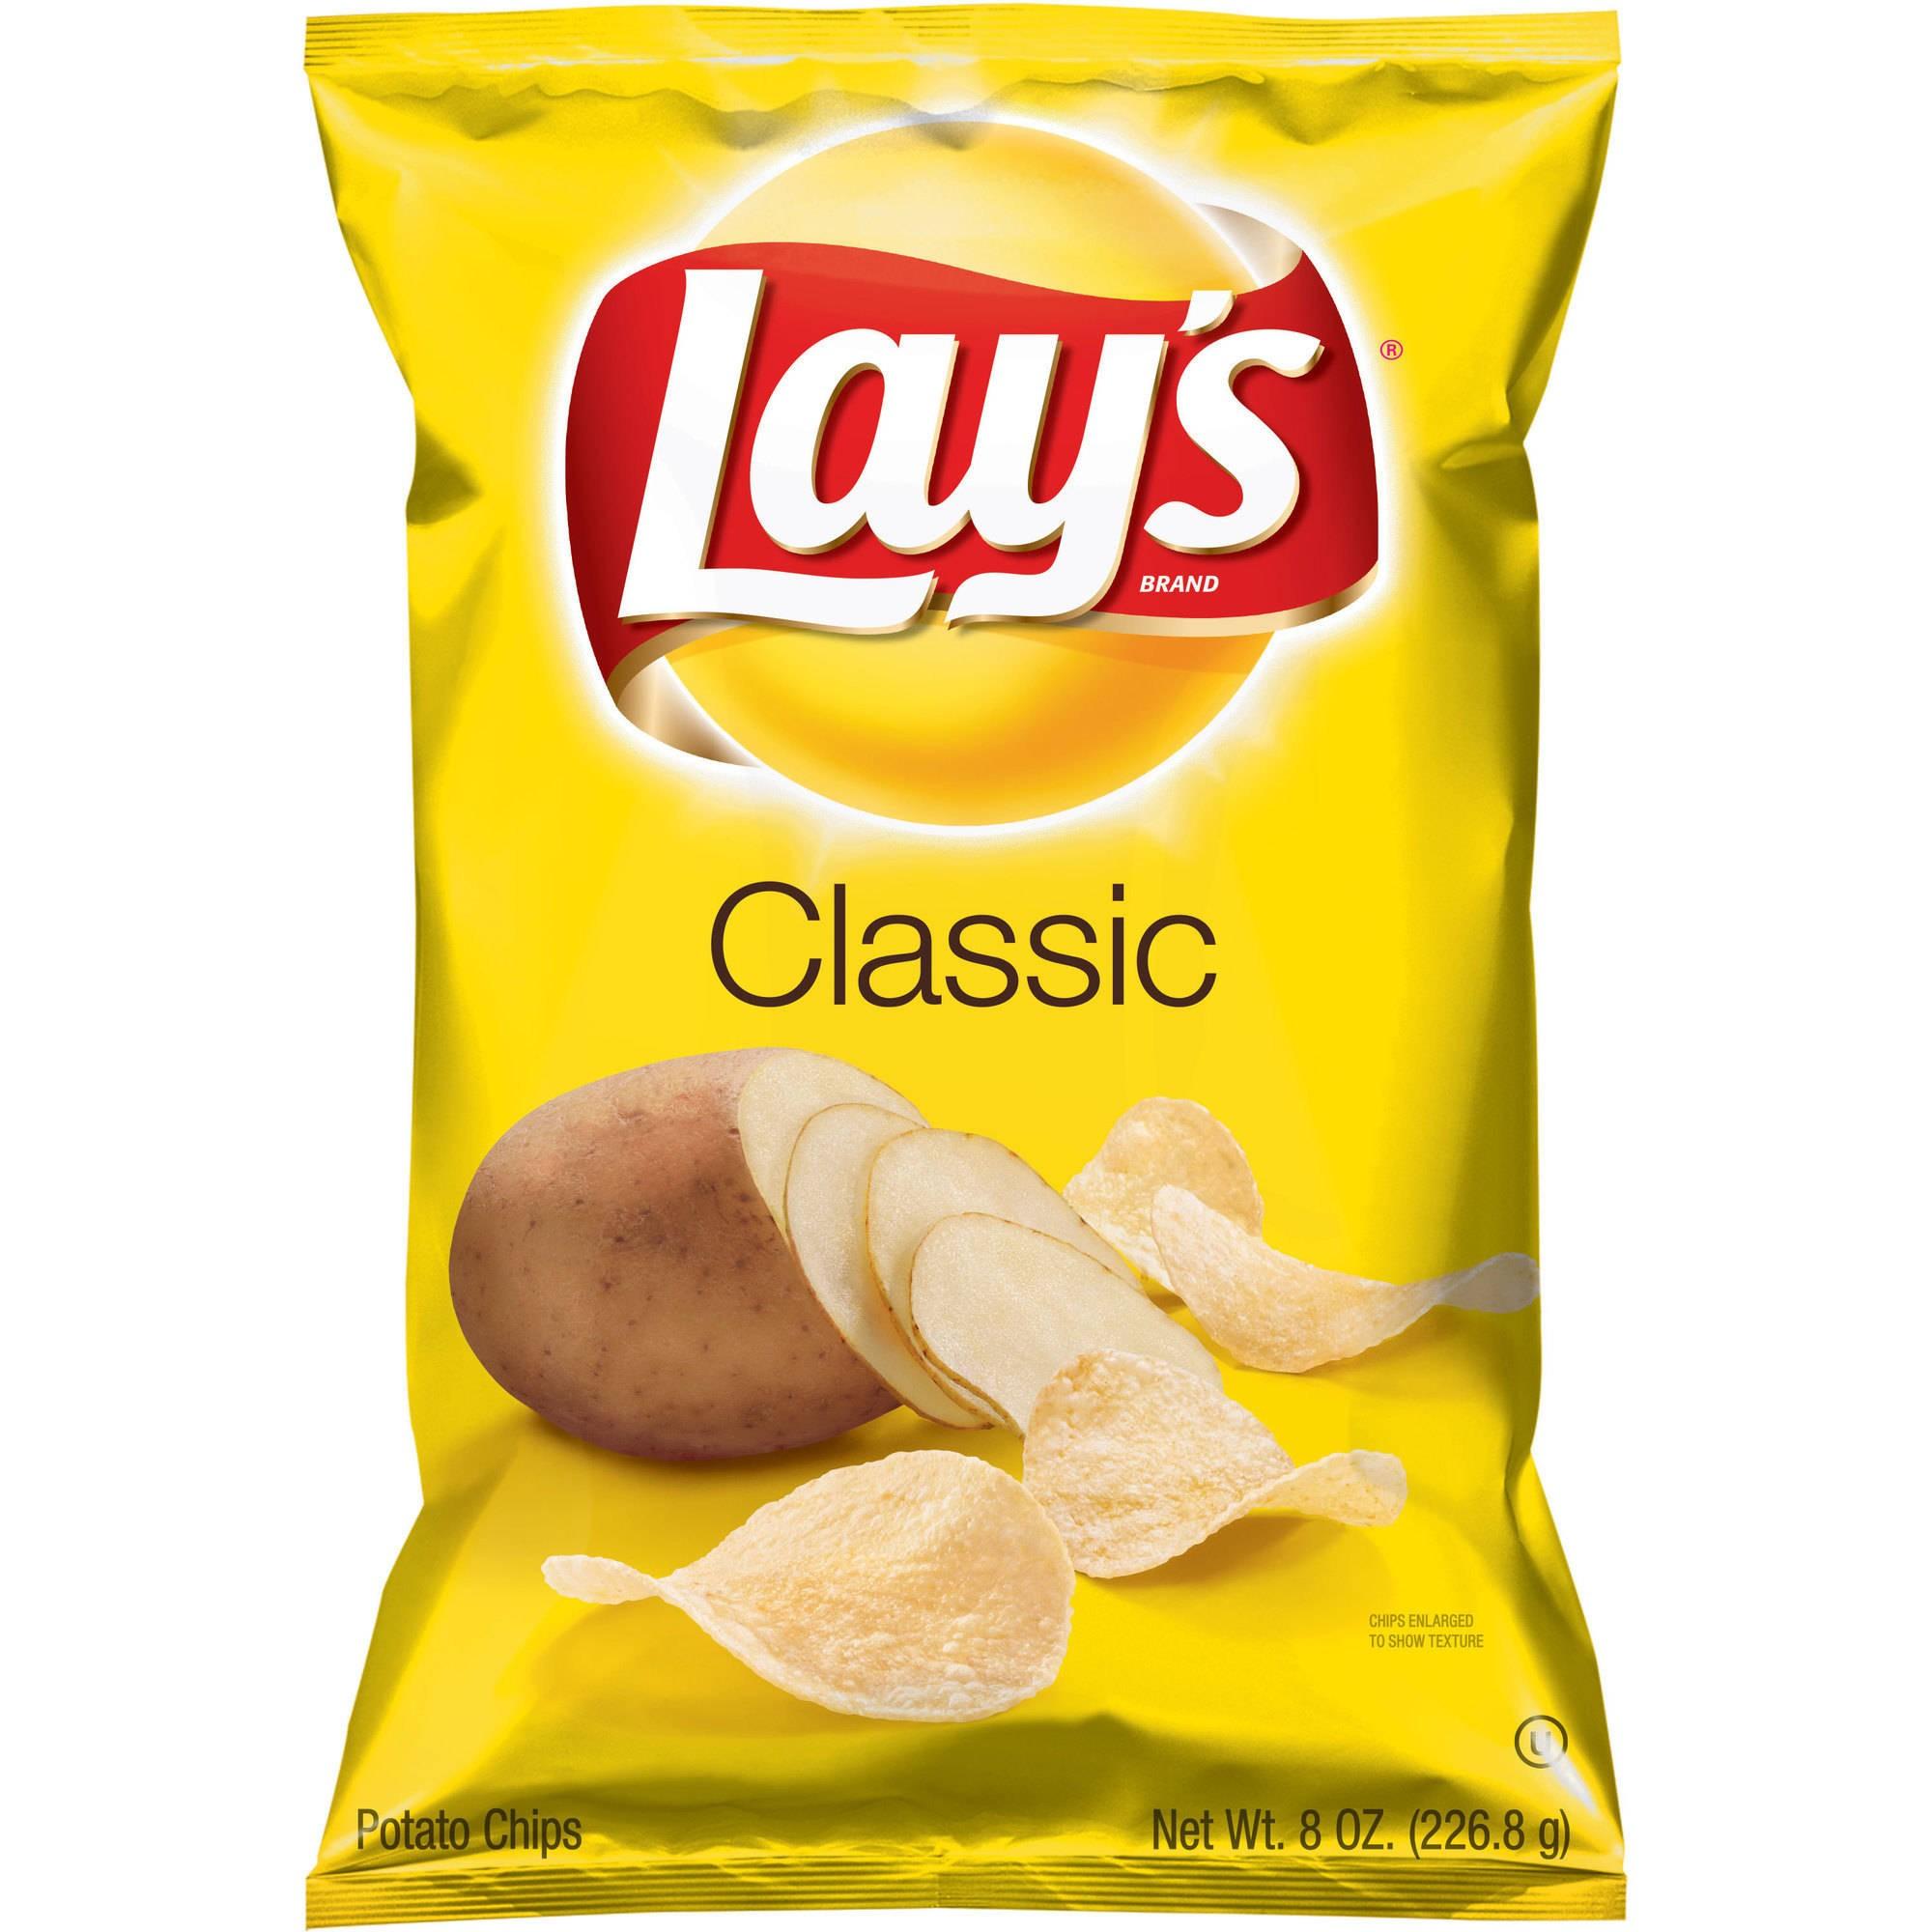 [Netto MD + Scondoo] Lay's Chips für effektiv 0,45 € ab Donnerstag 17.08